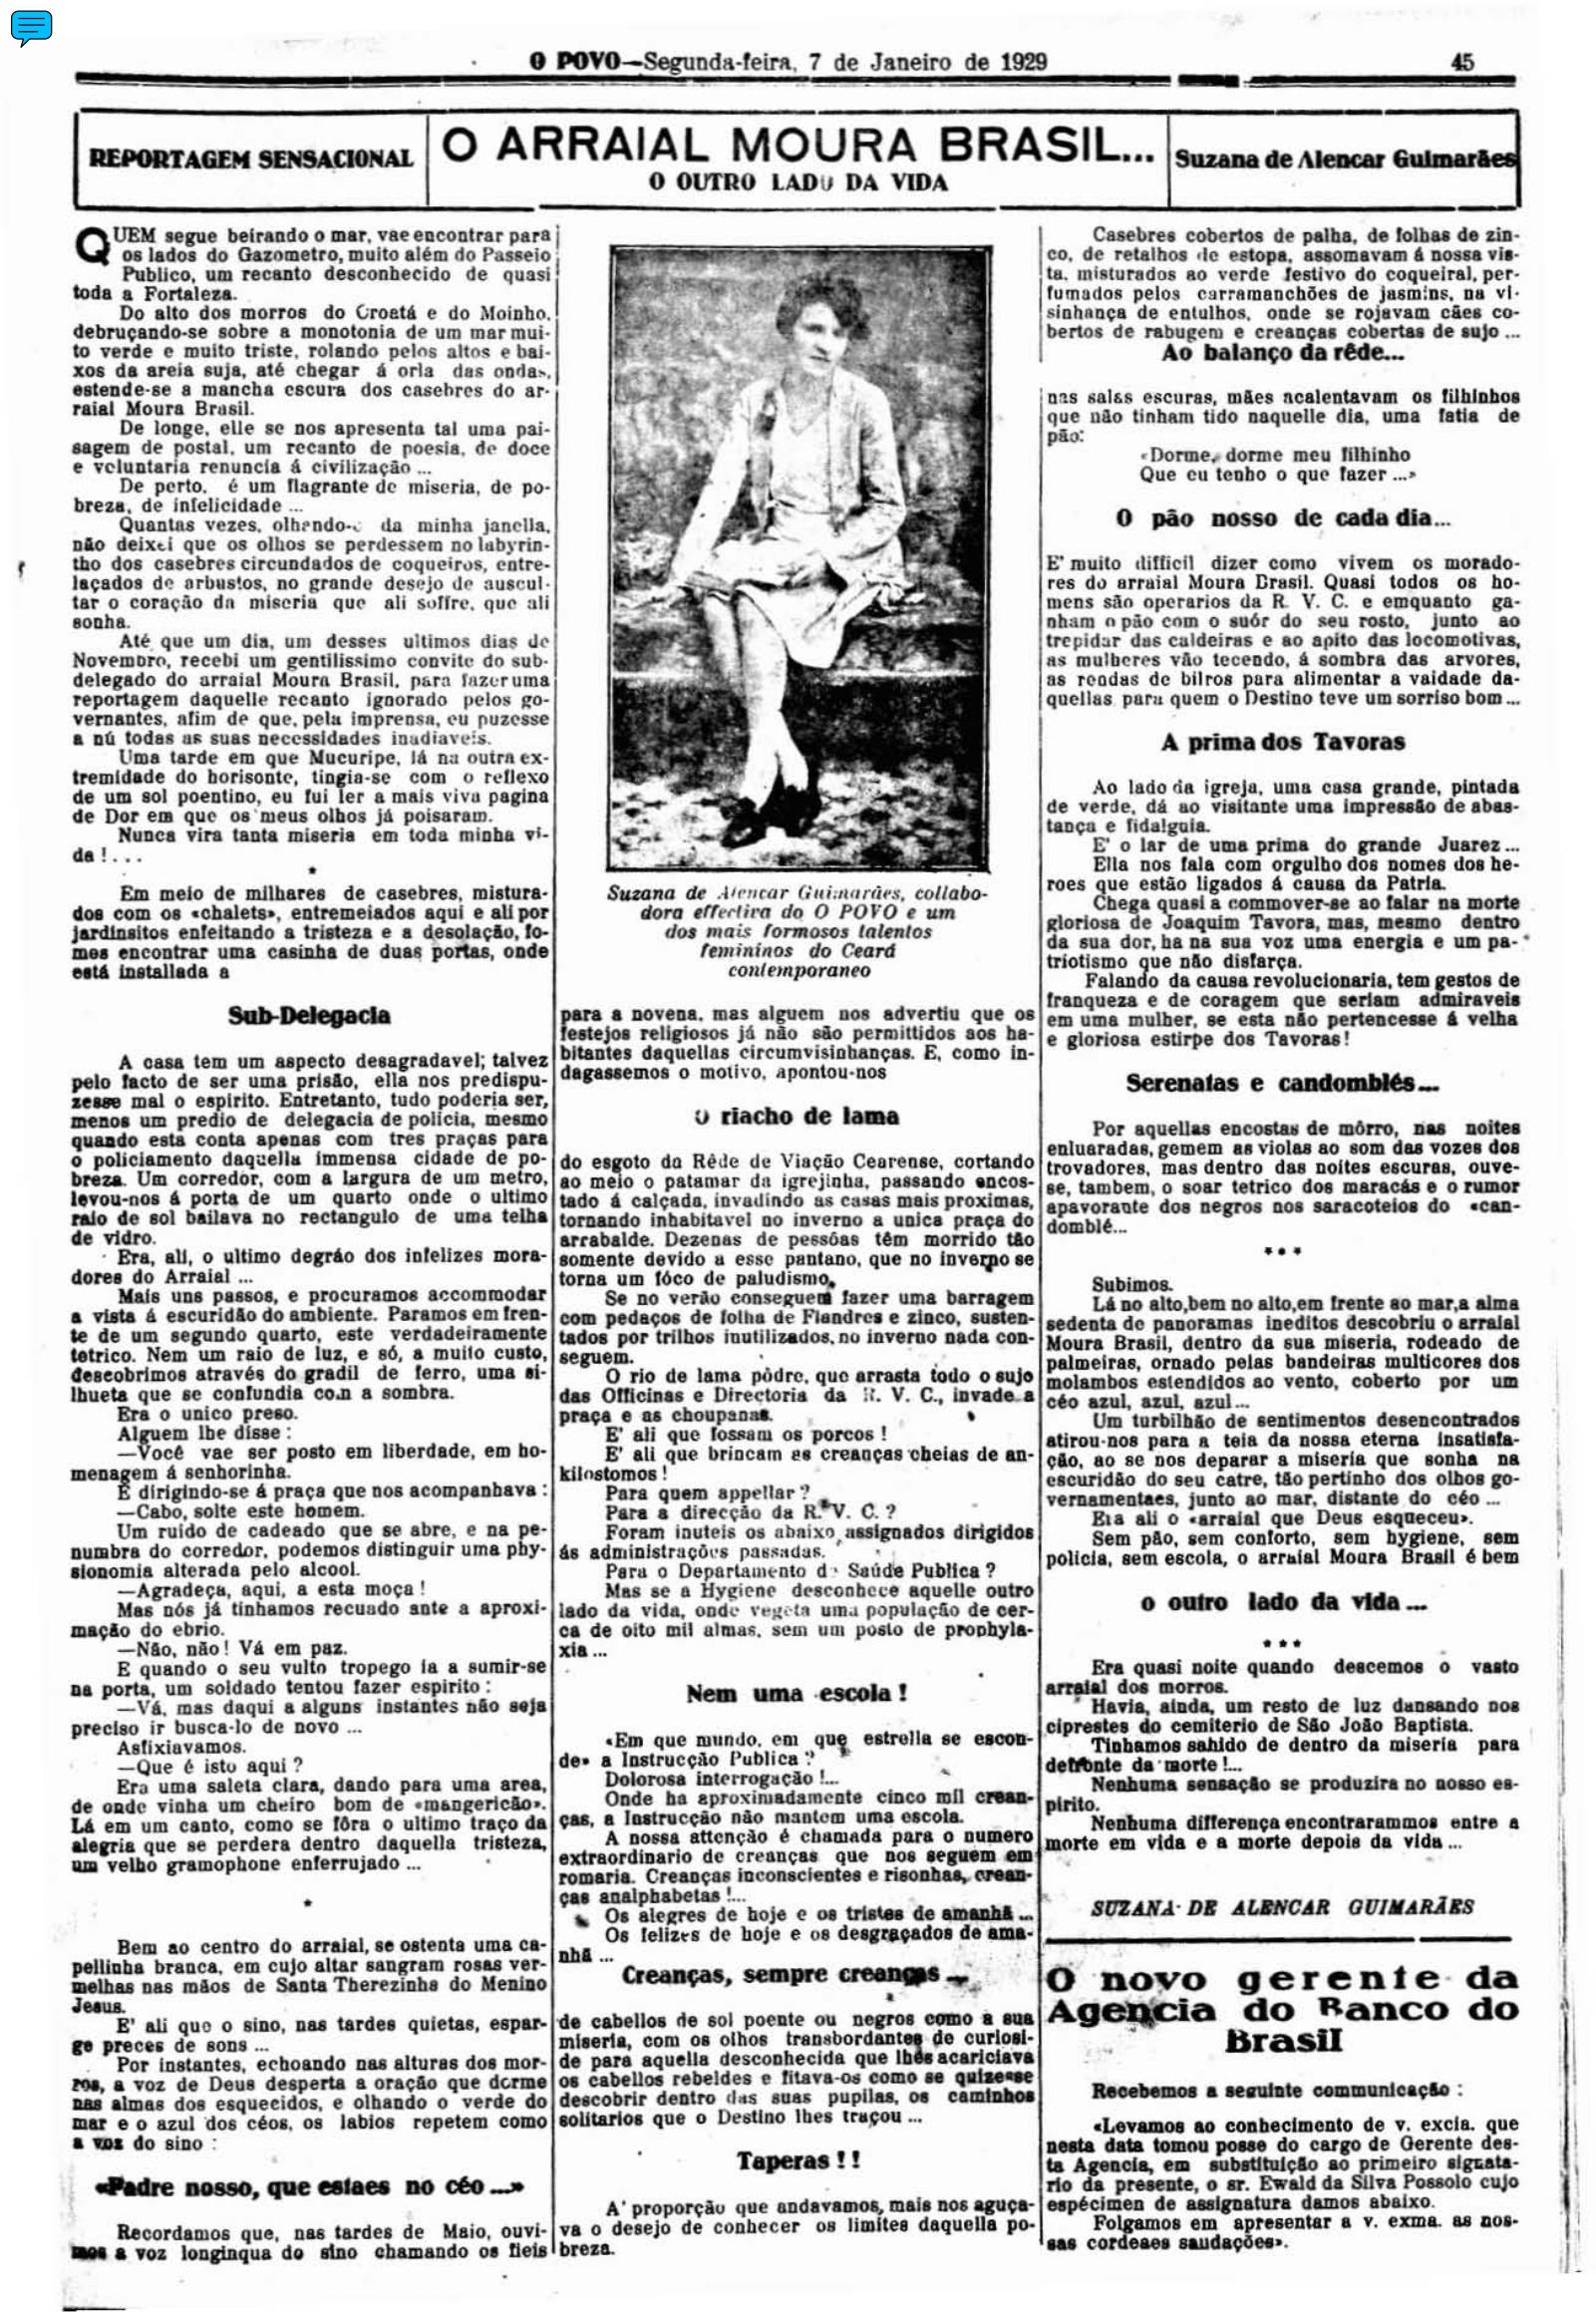 Reportagem de Suzana de Alencar Guimarães publicada em janeiro de 1929, no O POVO